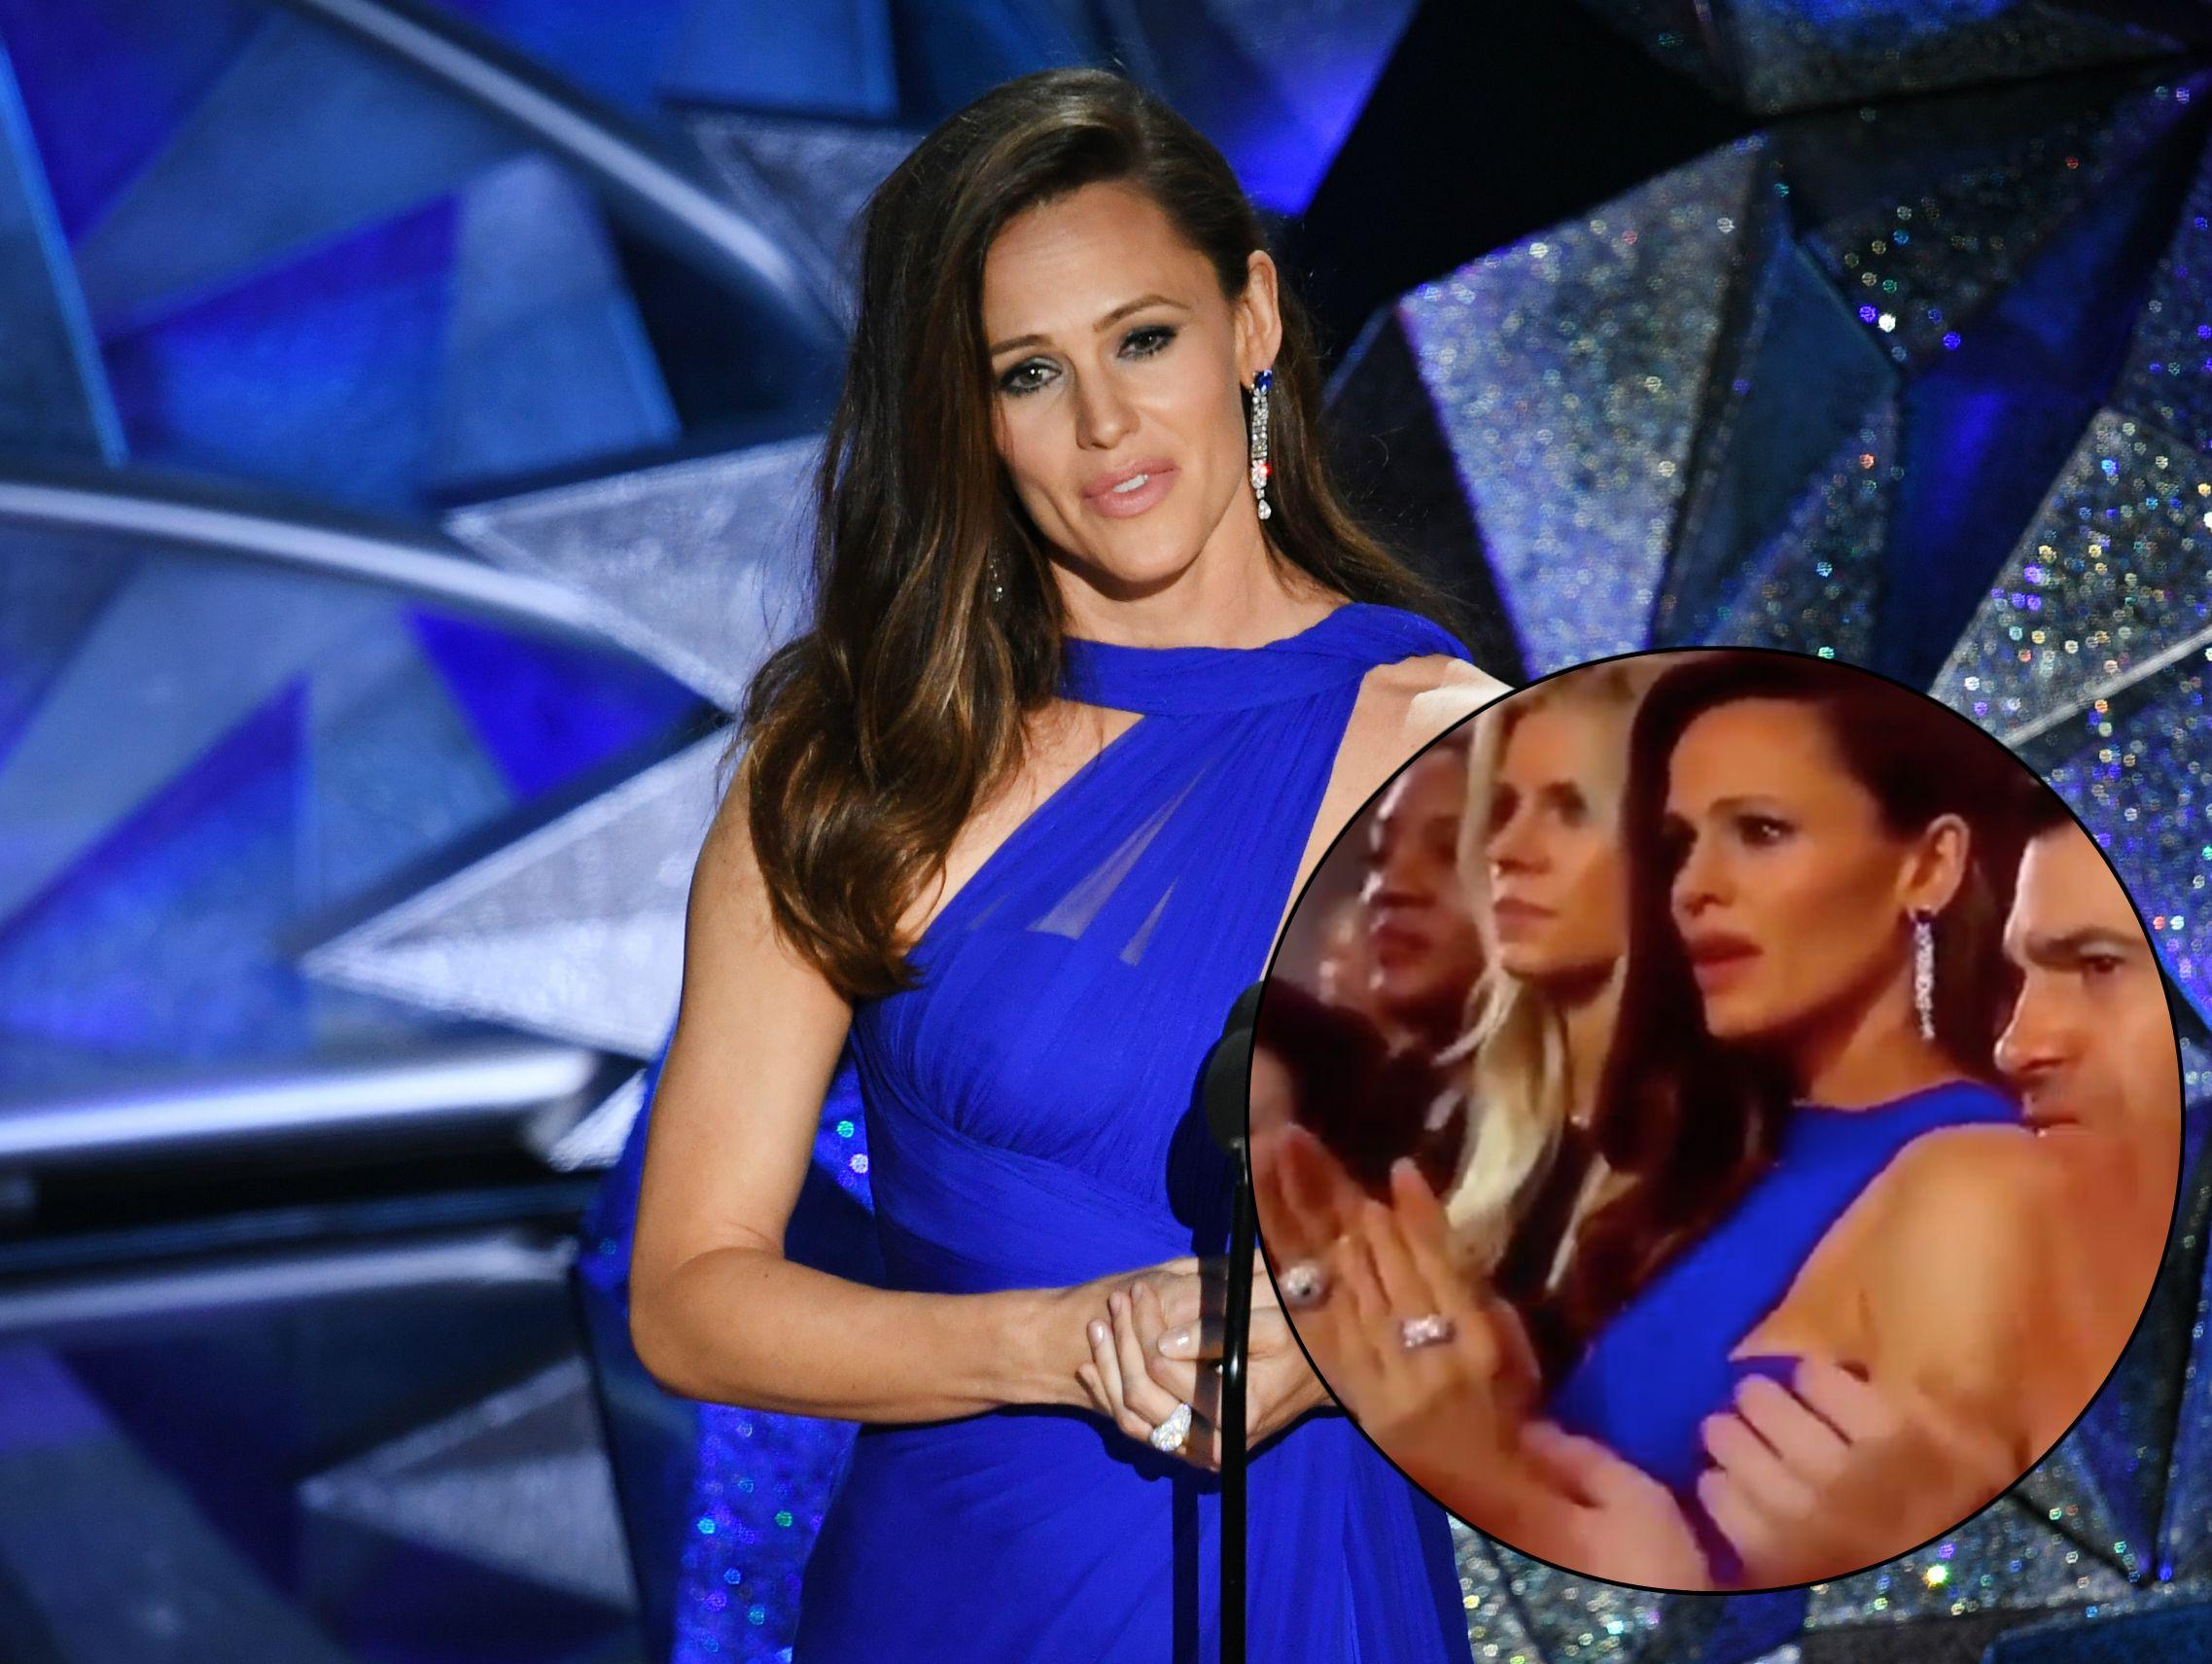 Jennifer Garner goes viral at Oscars